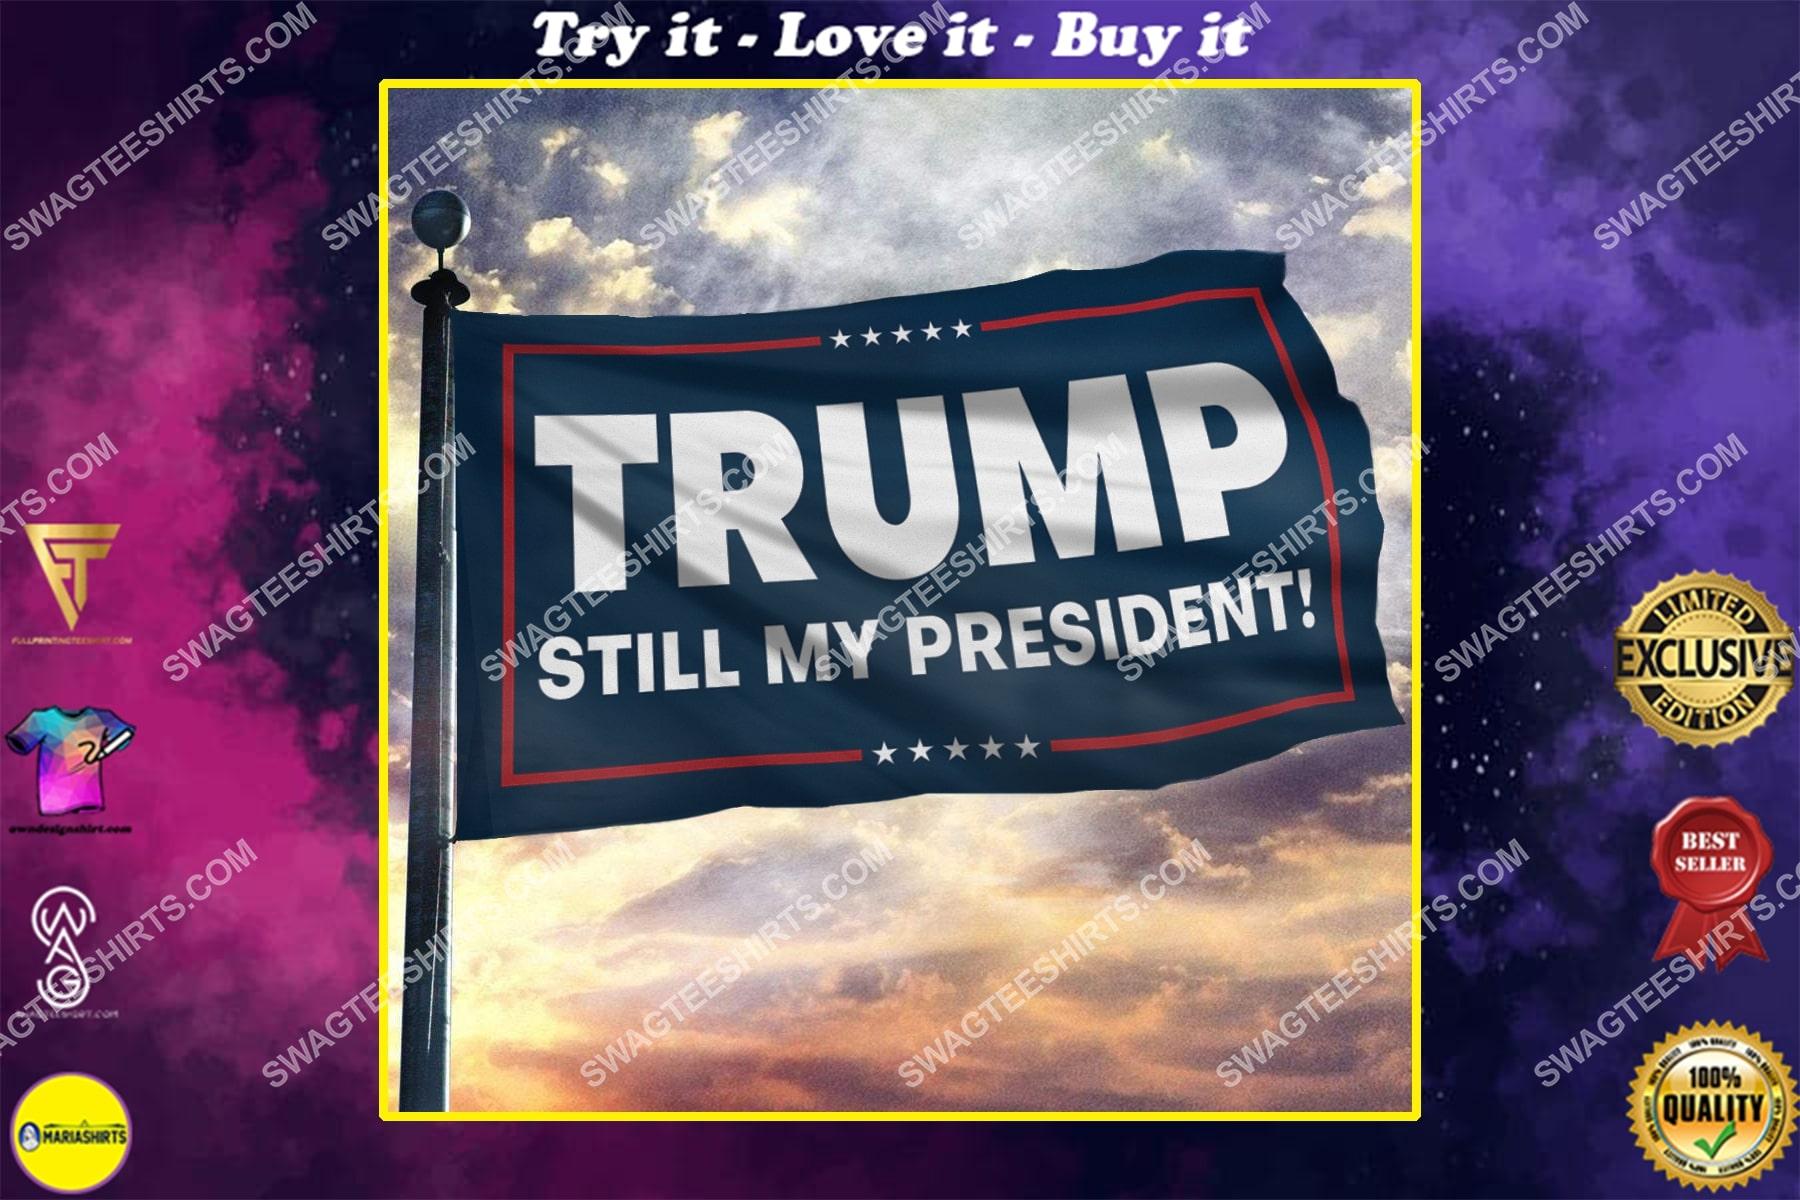 donald trump 2024 still my president politics flag